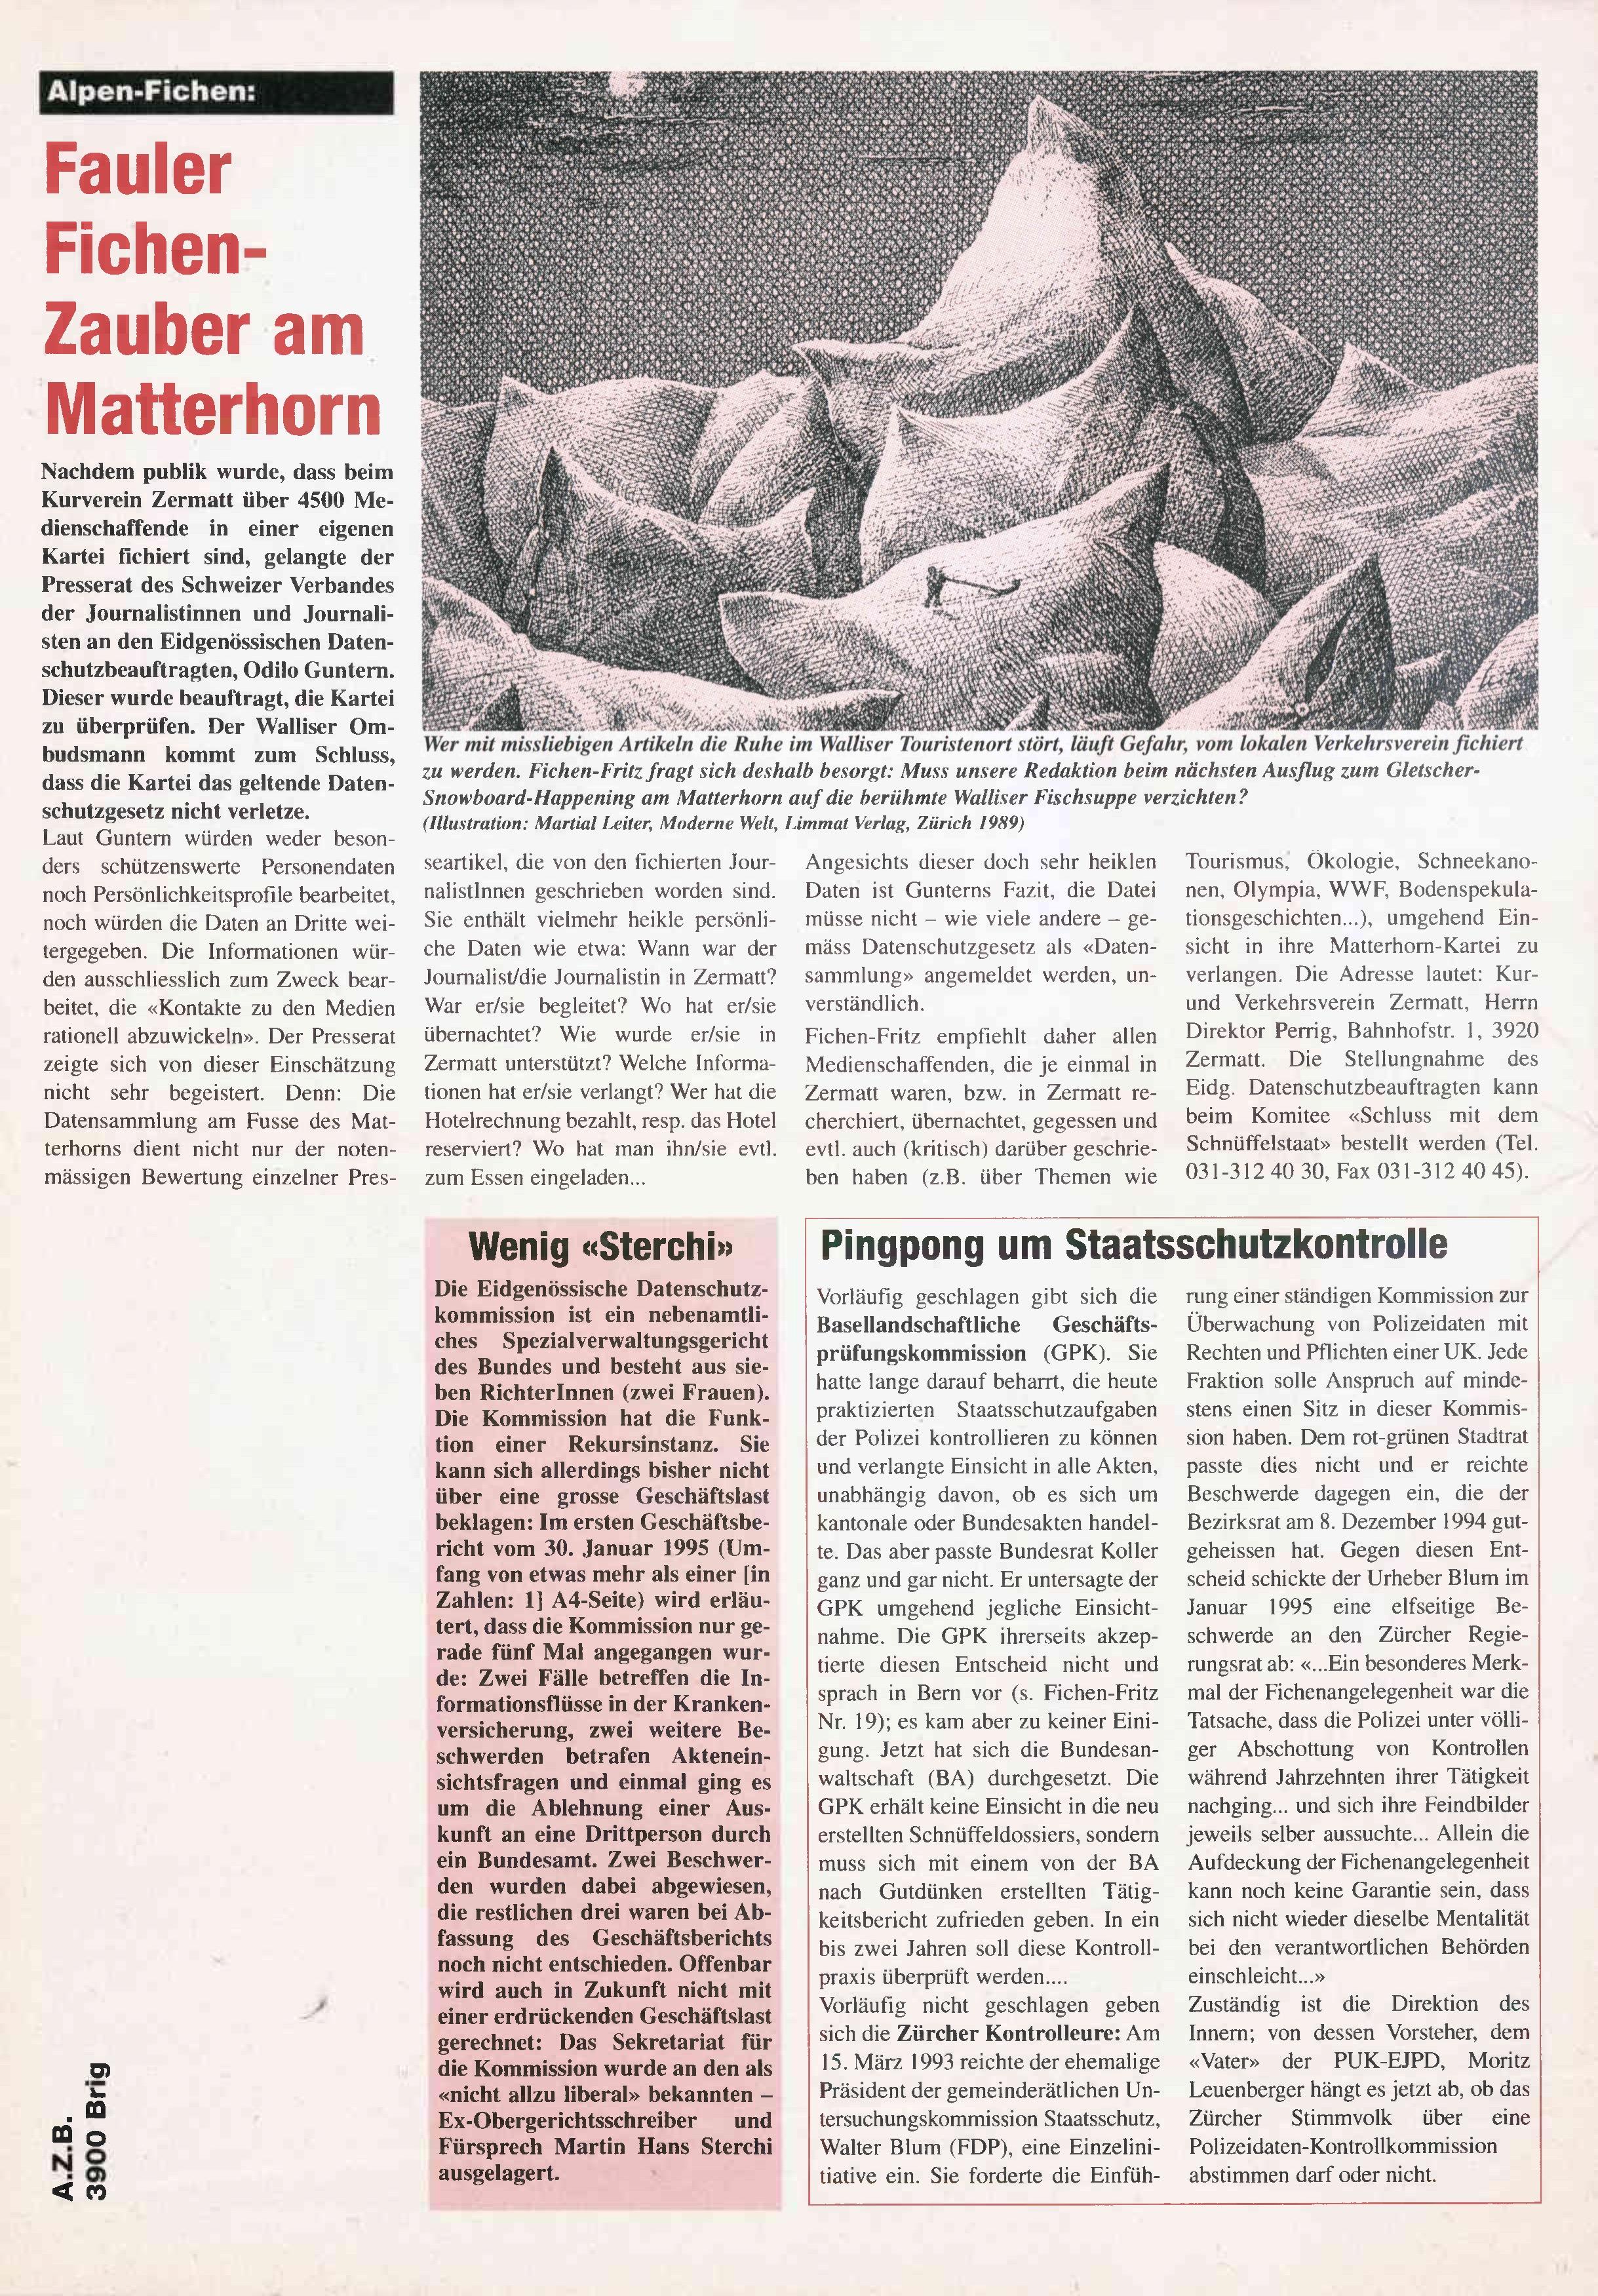 F1ICHEN FRITZ NR. 21 - SEITE 8